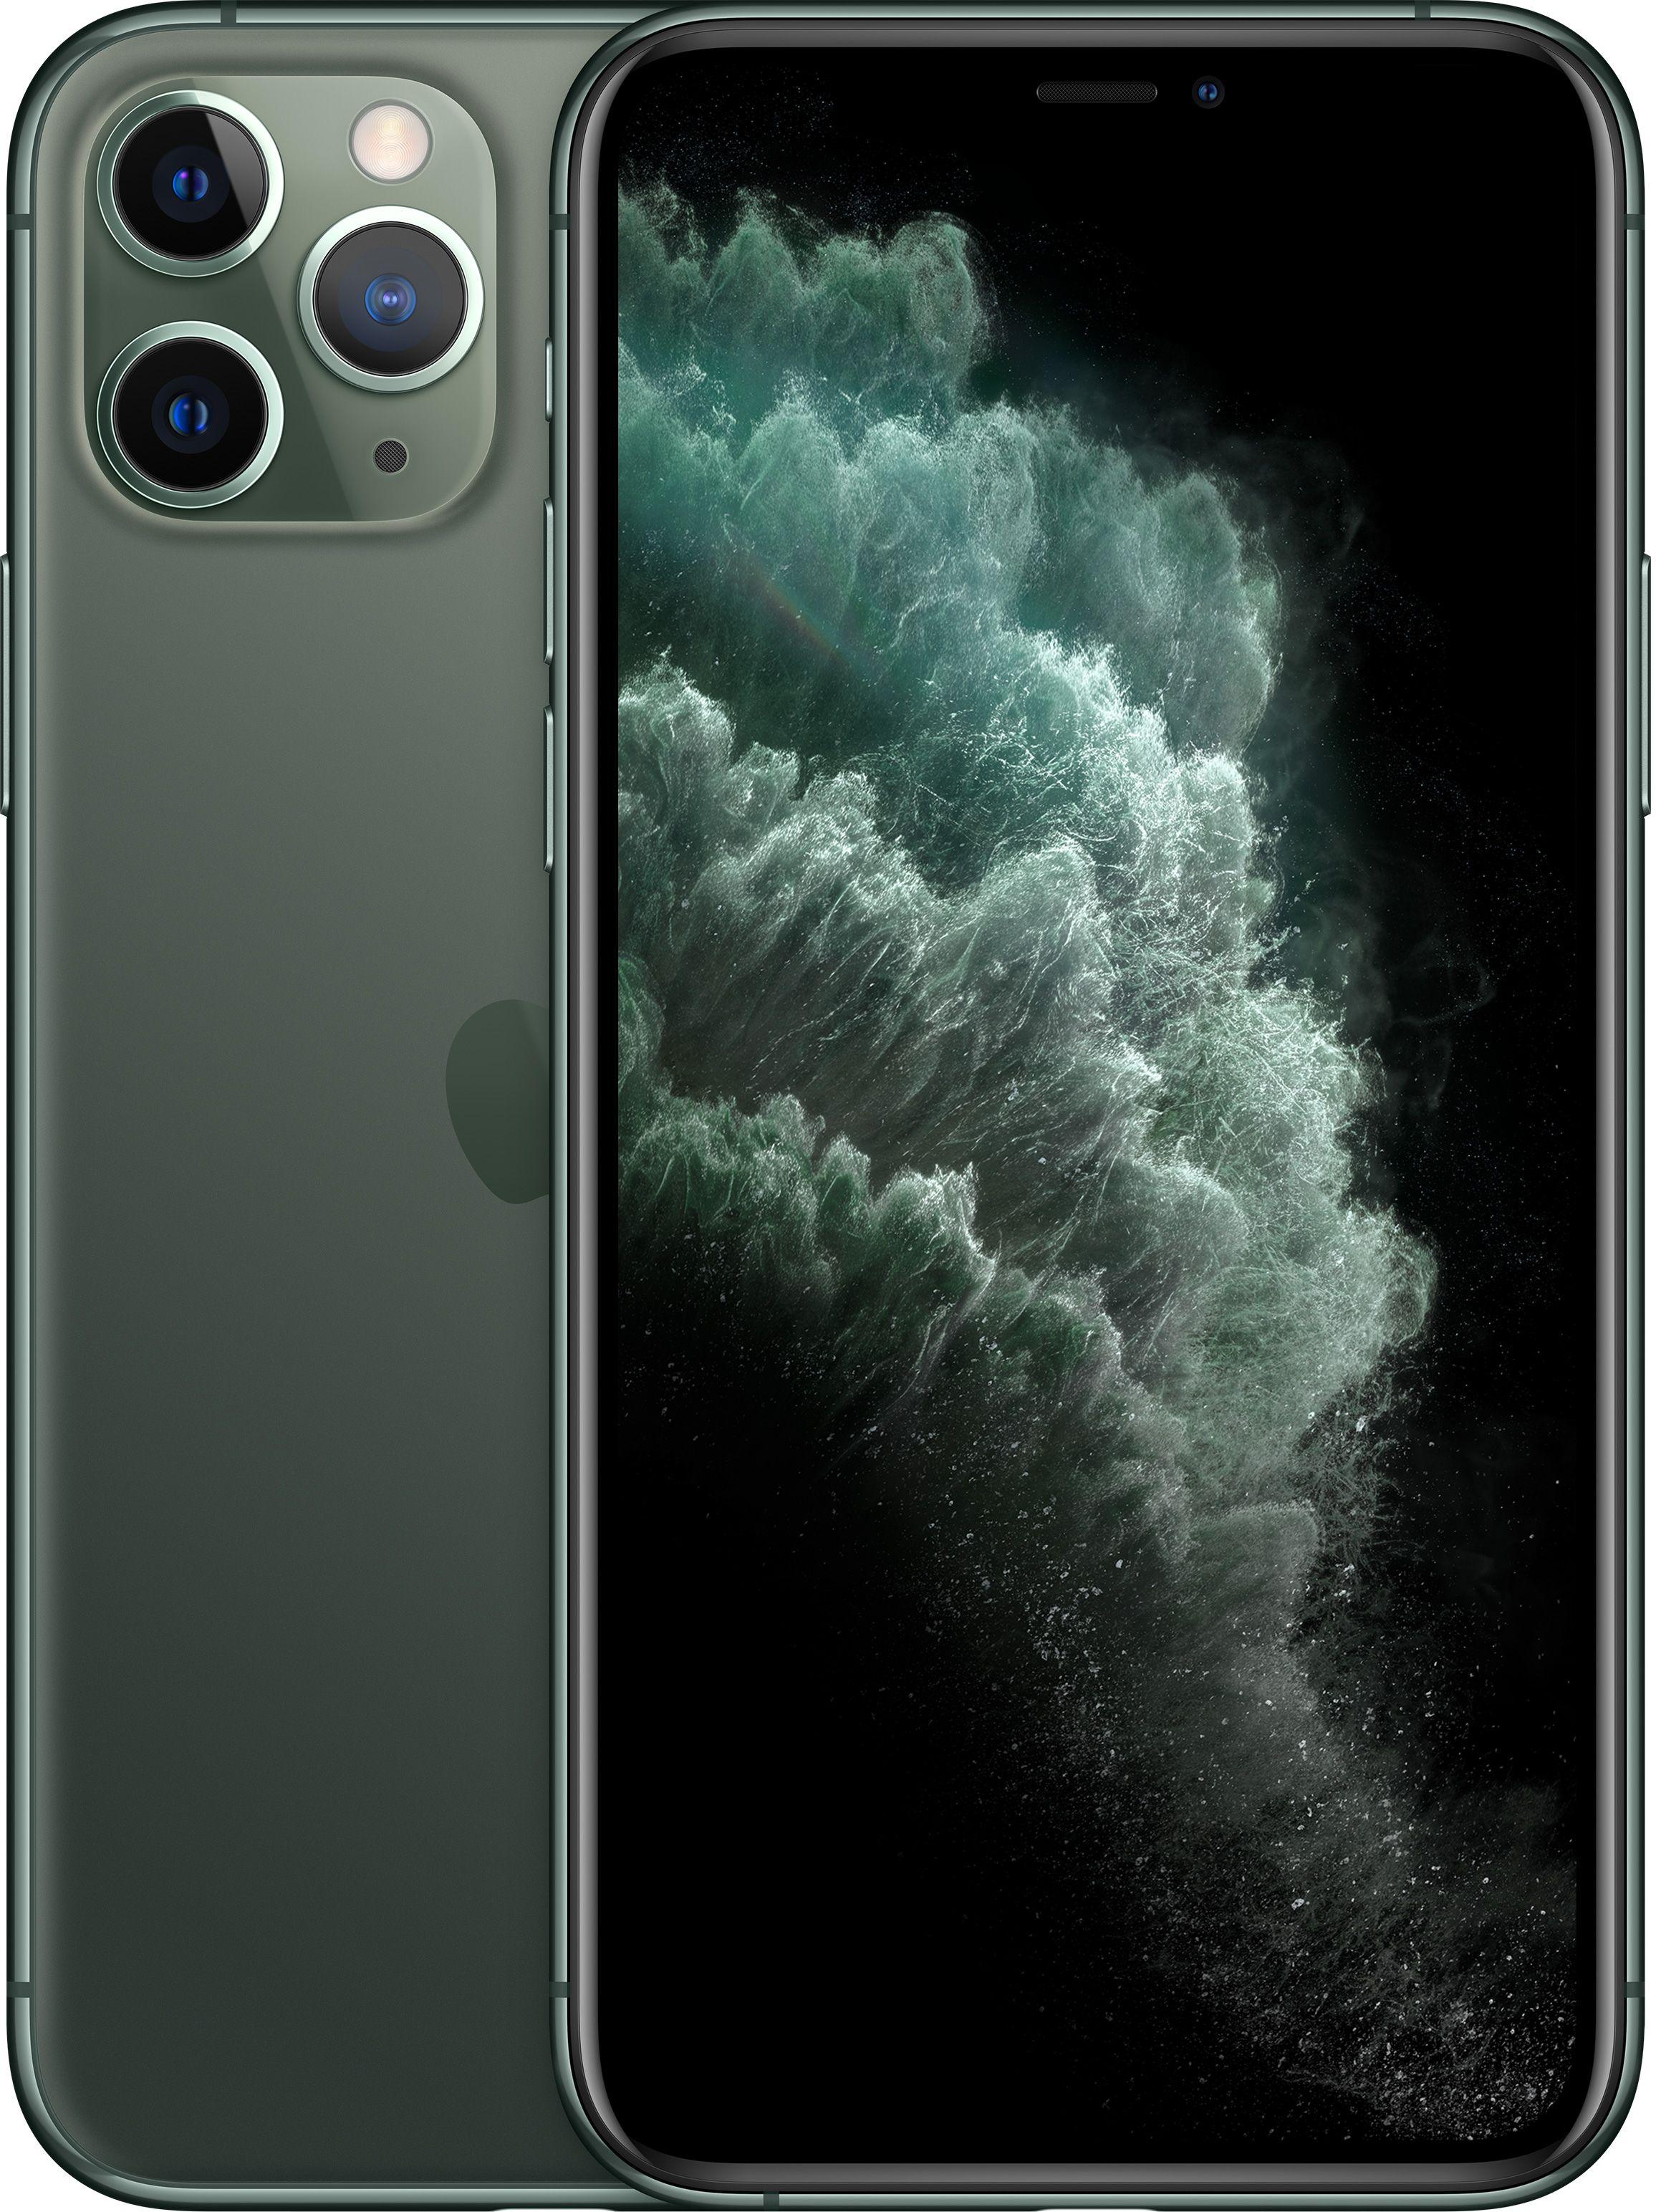 Мобильный телефон Apple iPhone 11 Pro 256GB (темно-зеленый) фото